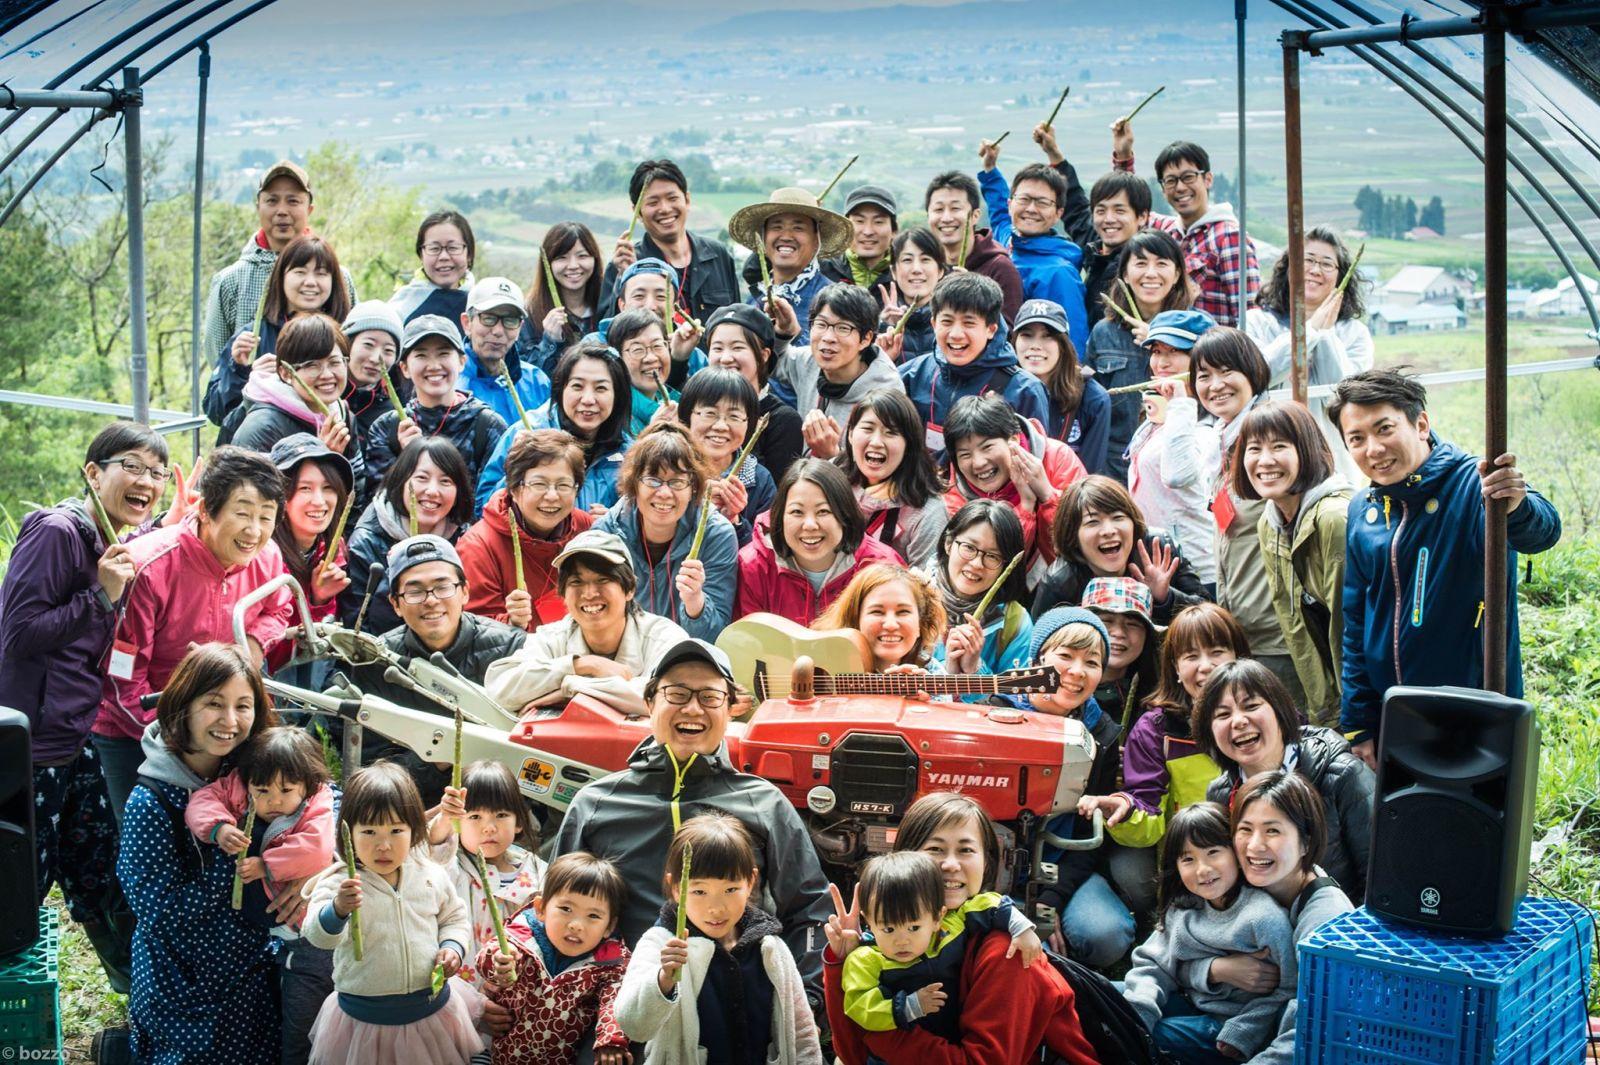 江川さんが開催したイベントでの写真